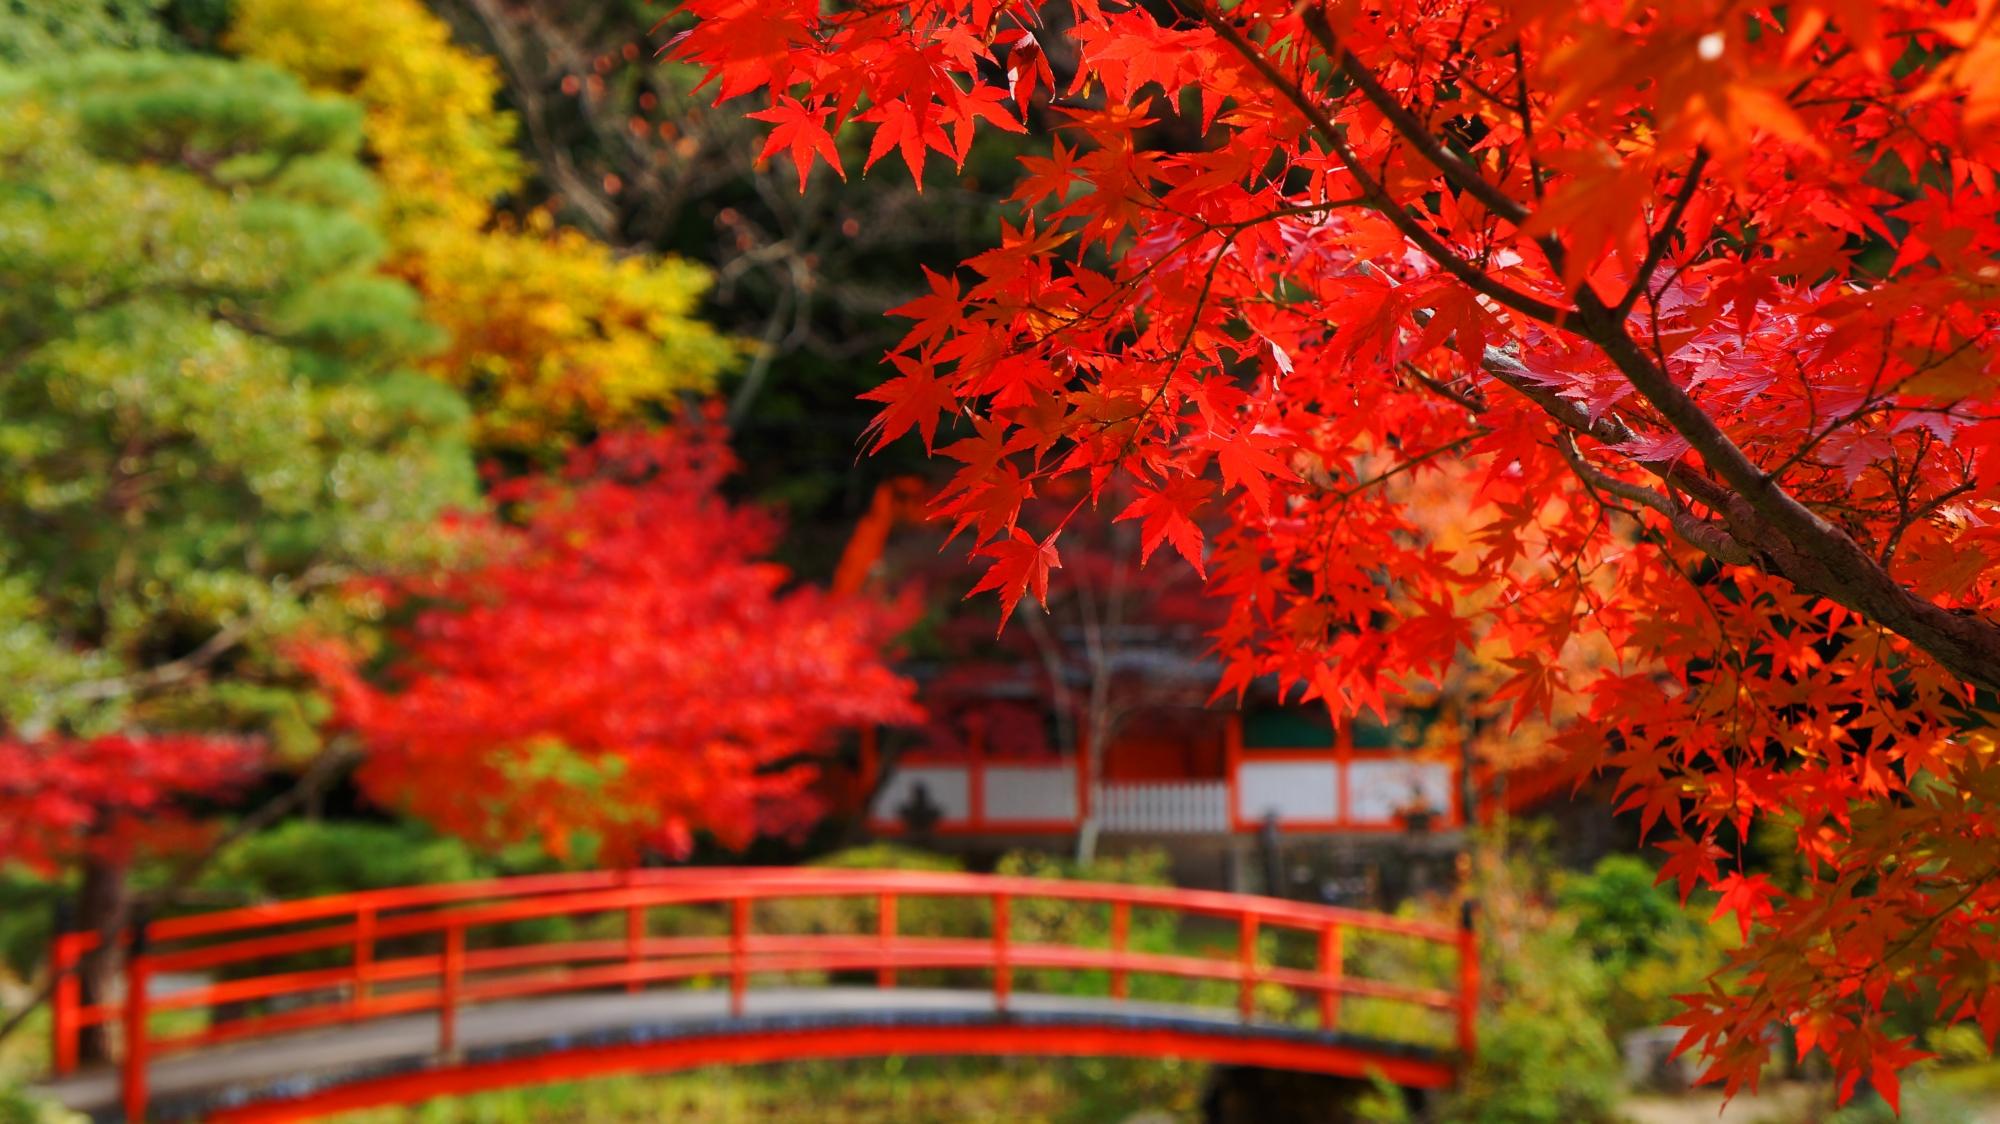 鯉沢の池にかかる赤い橋と真っ赤な紅葉